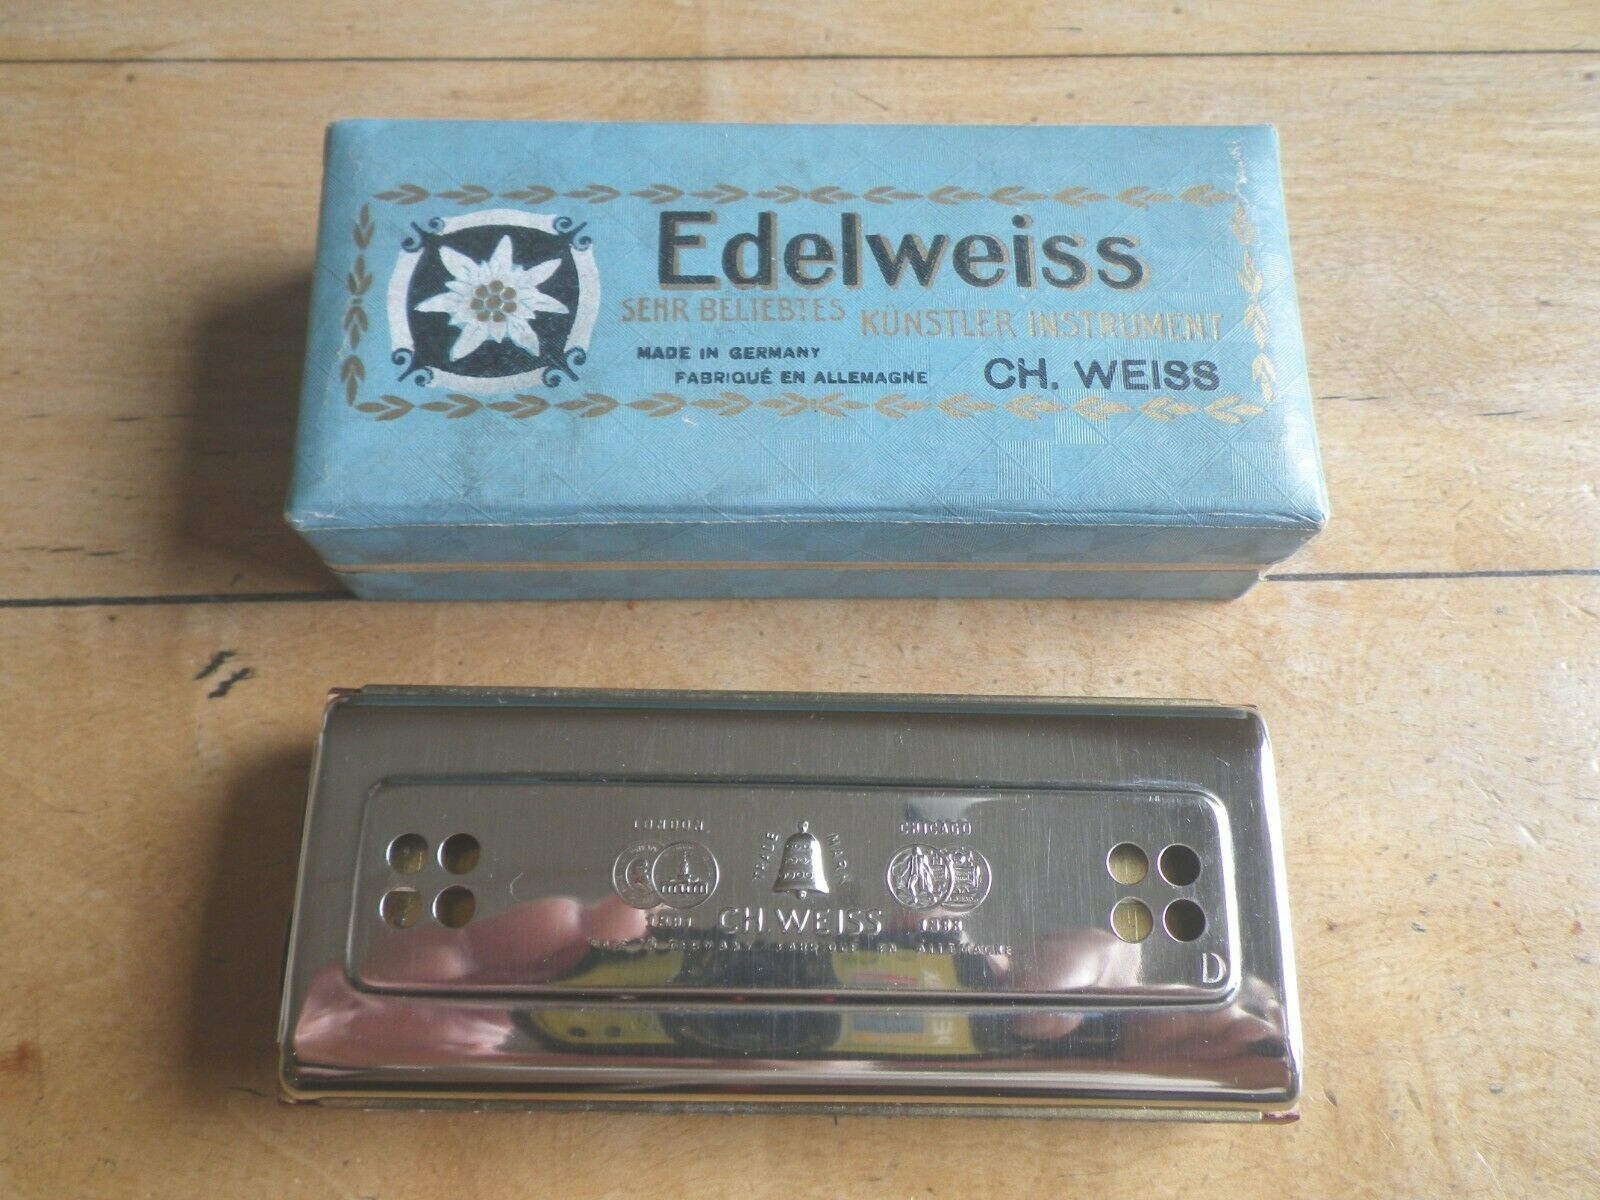 Mundharmonika Edelweiss Ch. Weiss Harmonica Instrument des Kenners Künstler